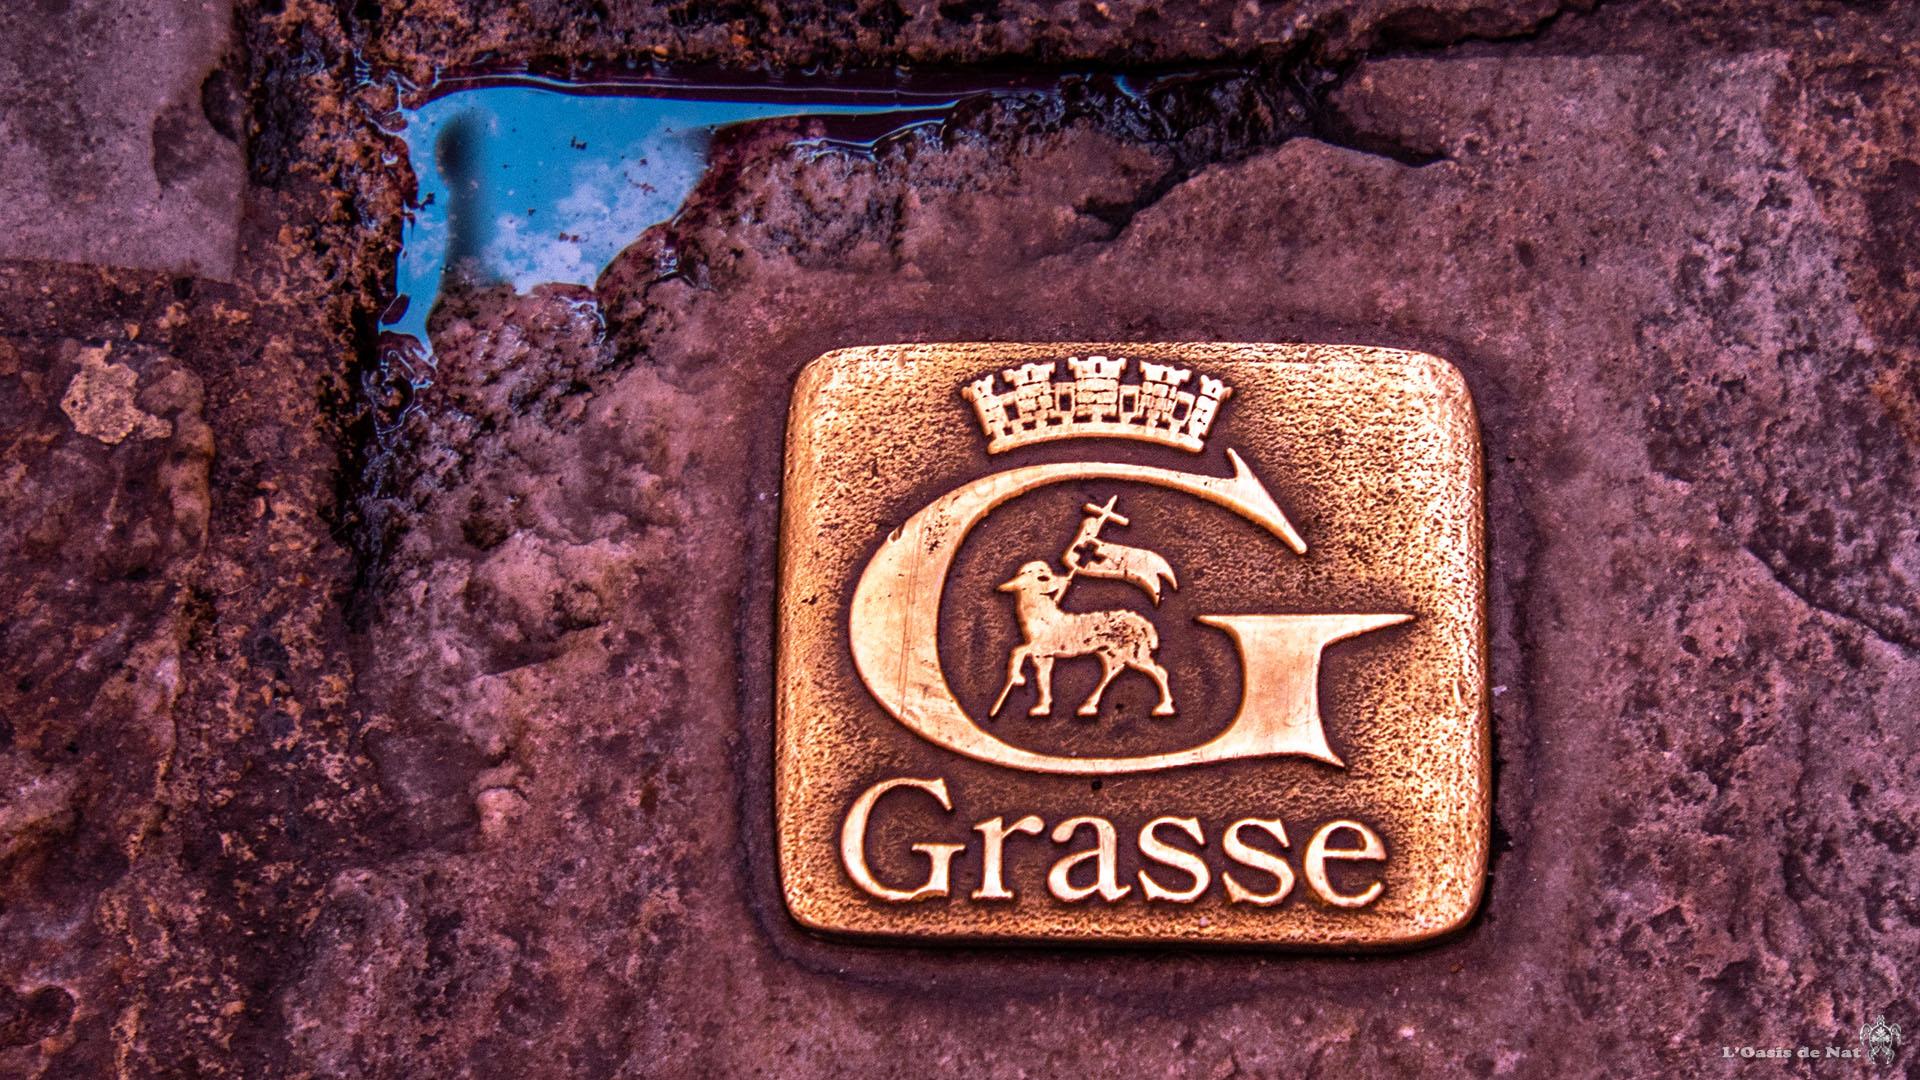 Grasse, armoiries, L'Oasis de Nat